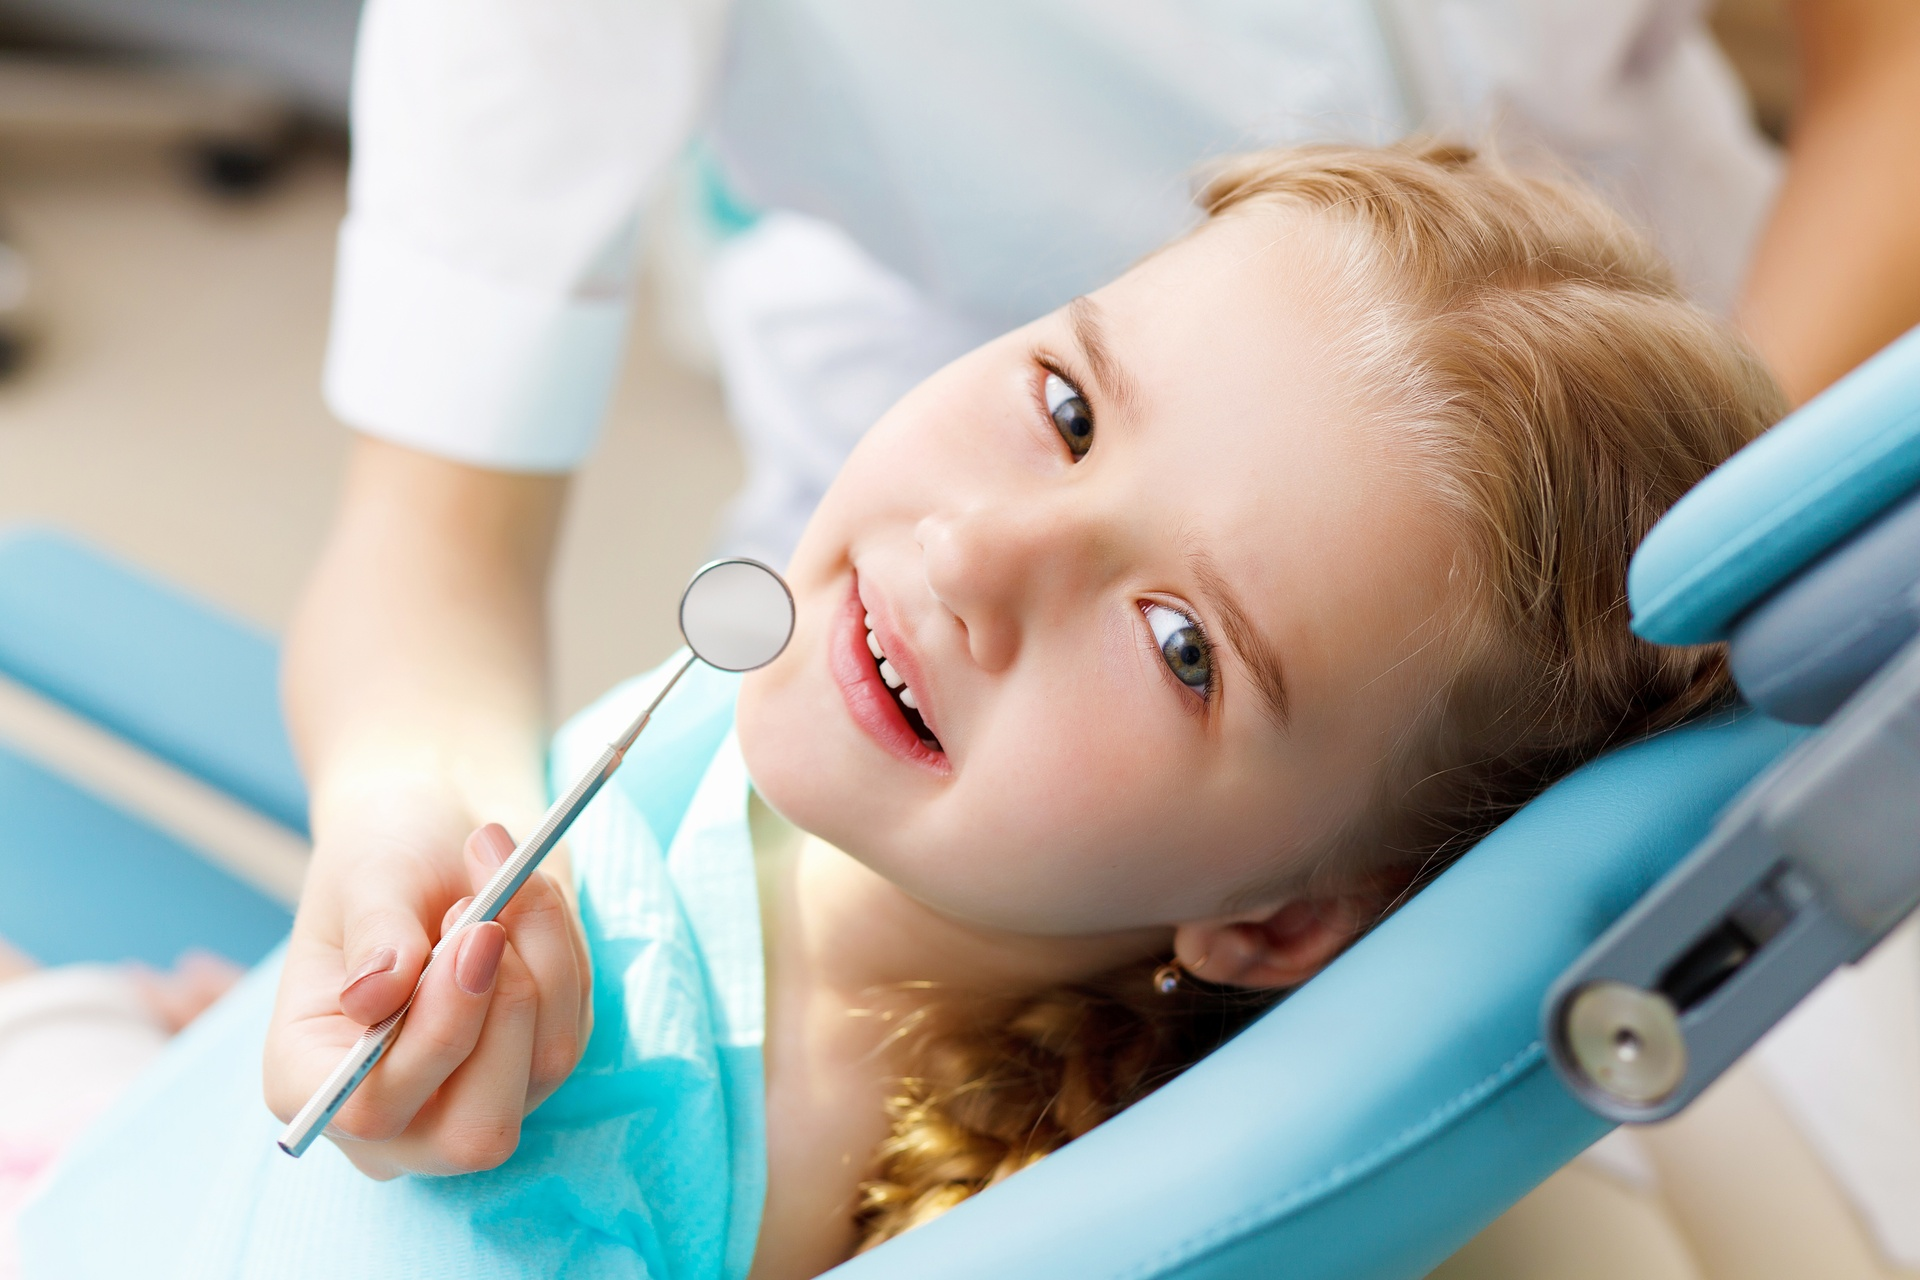 وظائف شاغرة لدى عيادة أسنان